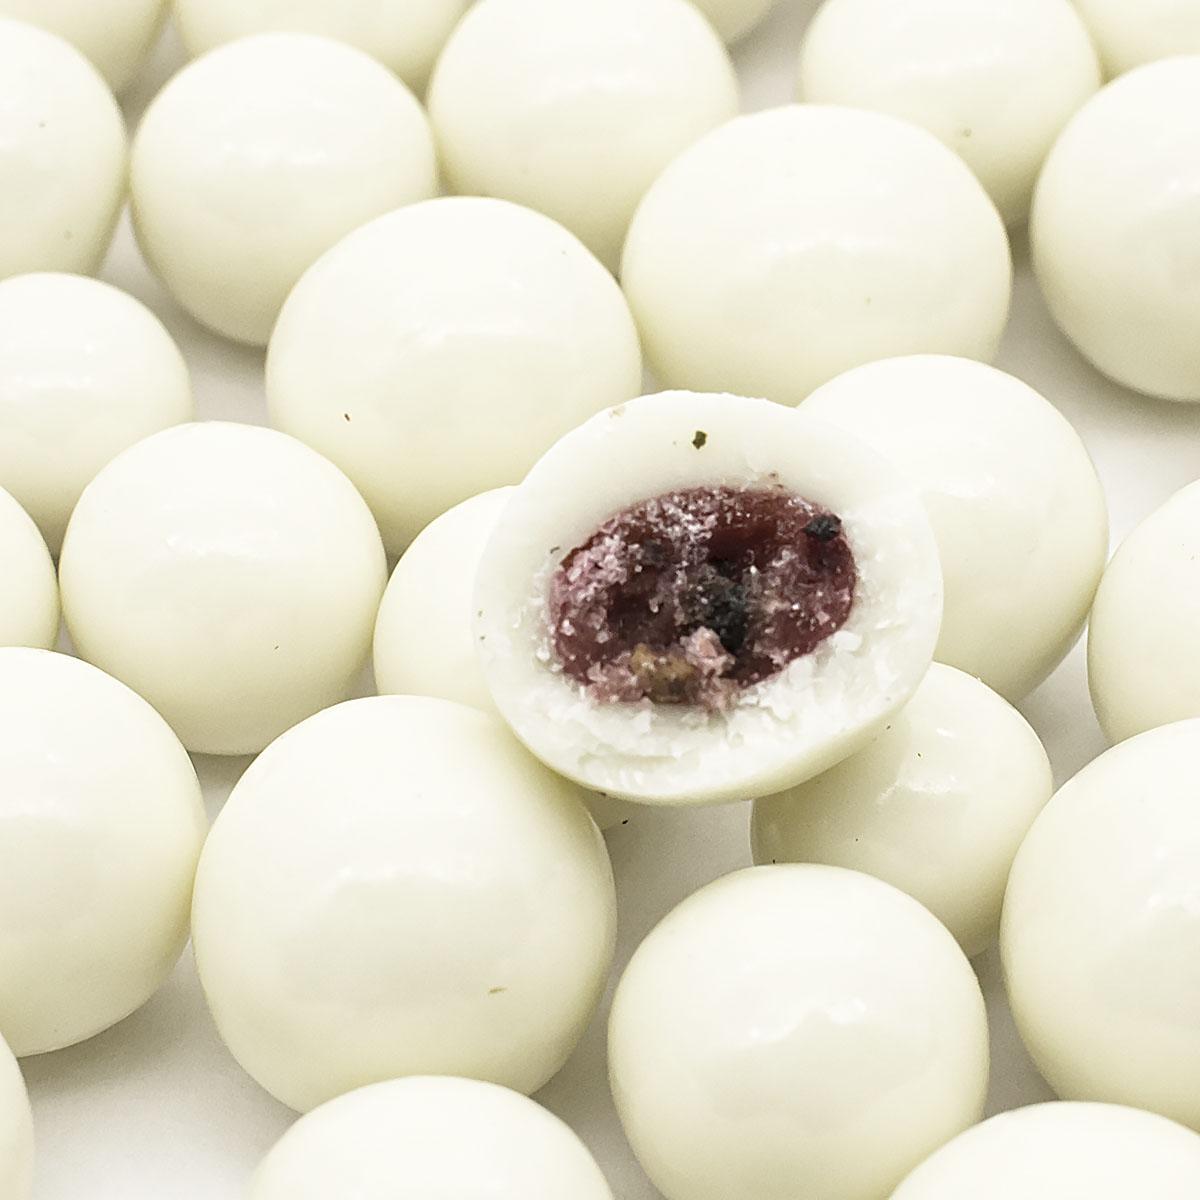 Купить со скидкой Малина в белом шоколаде, 200 г